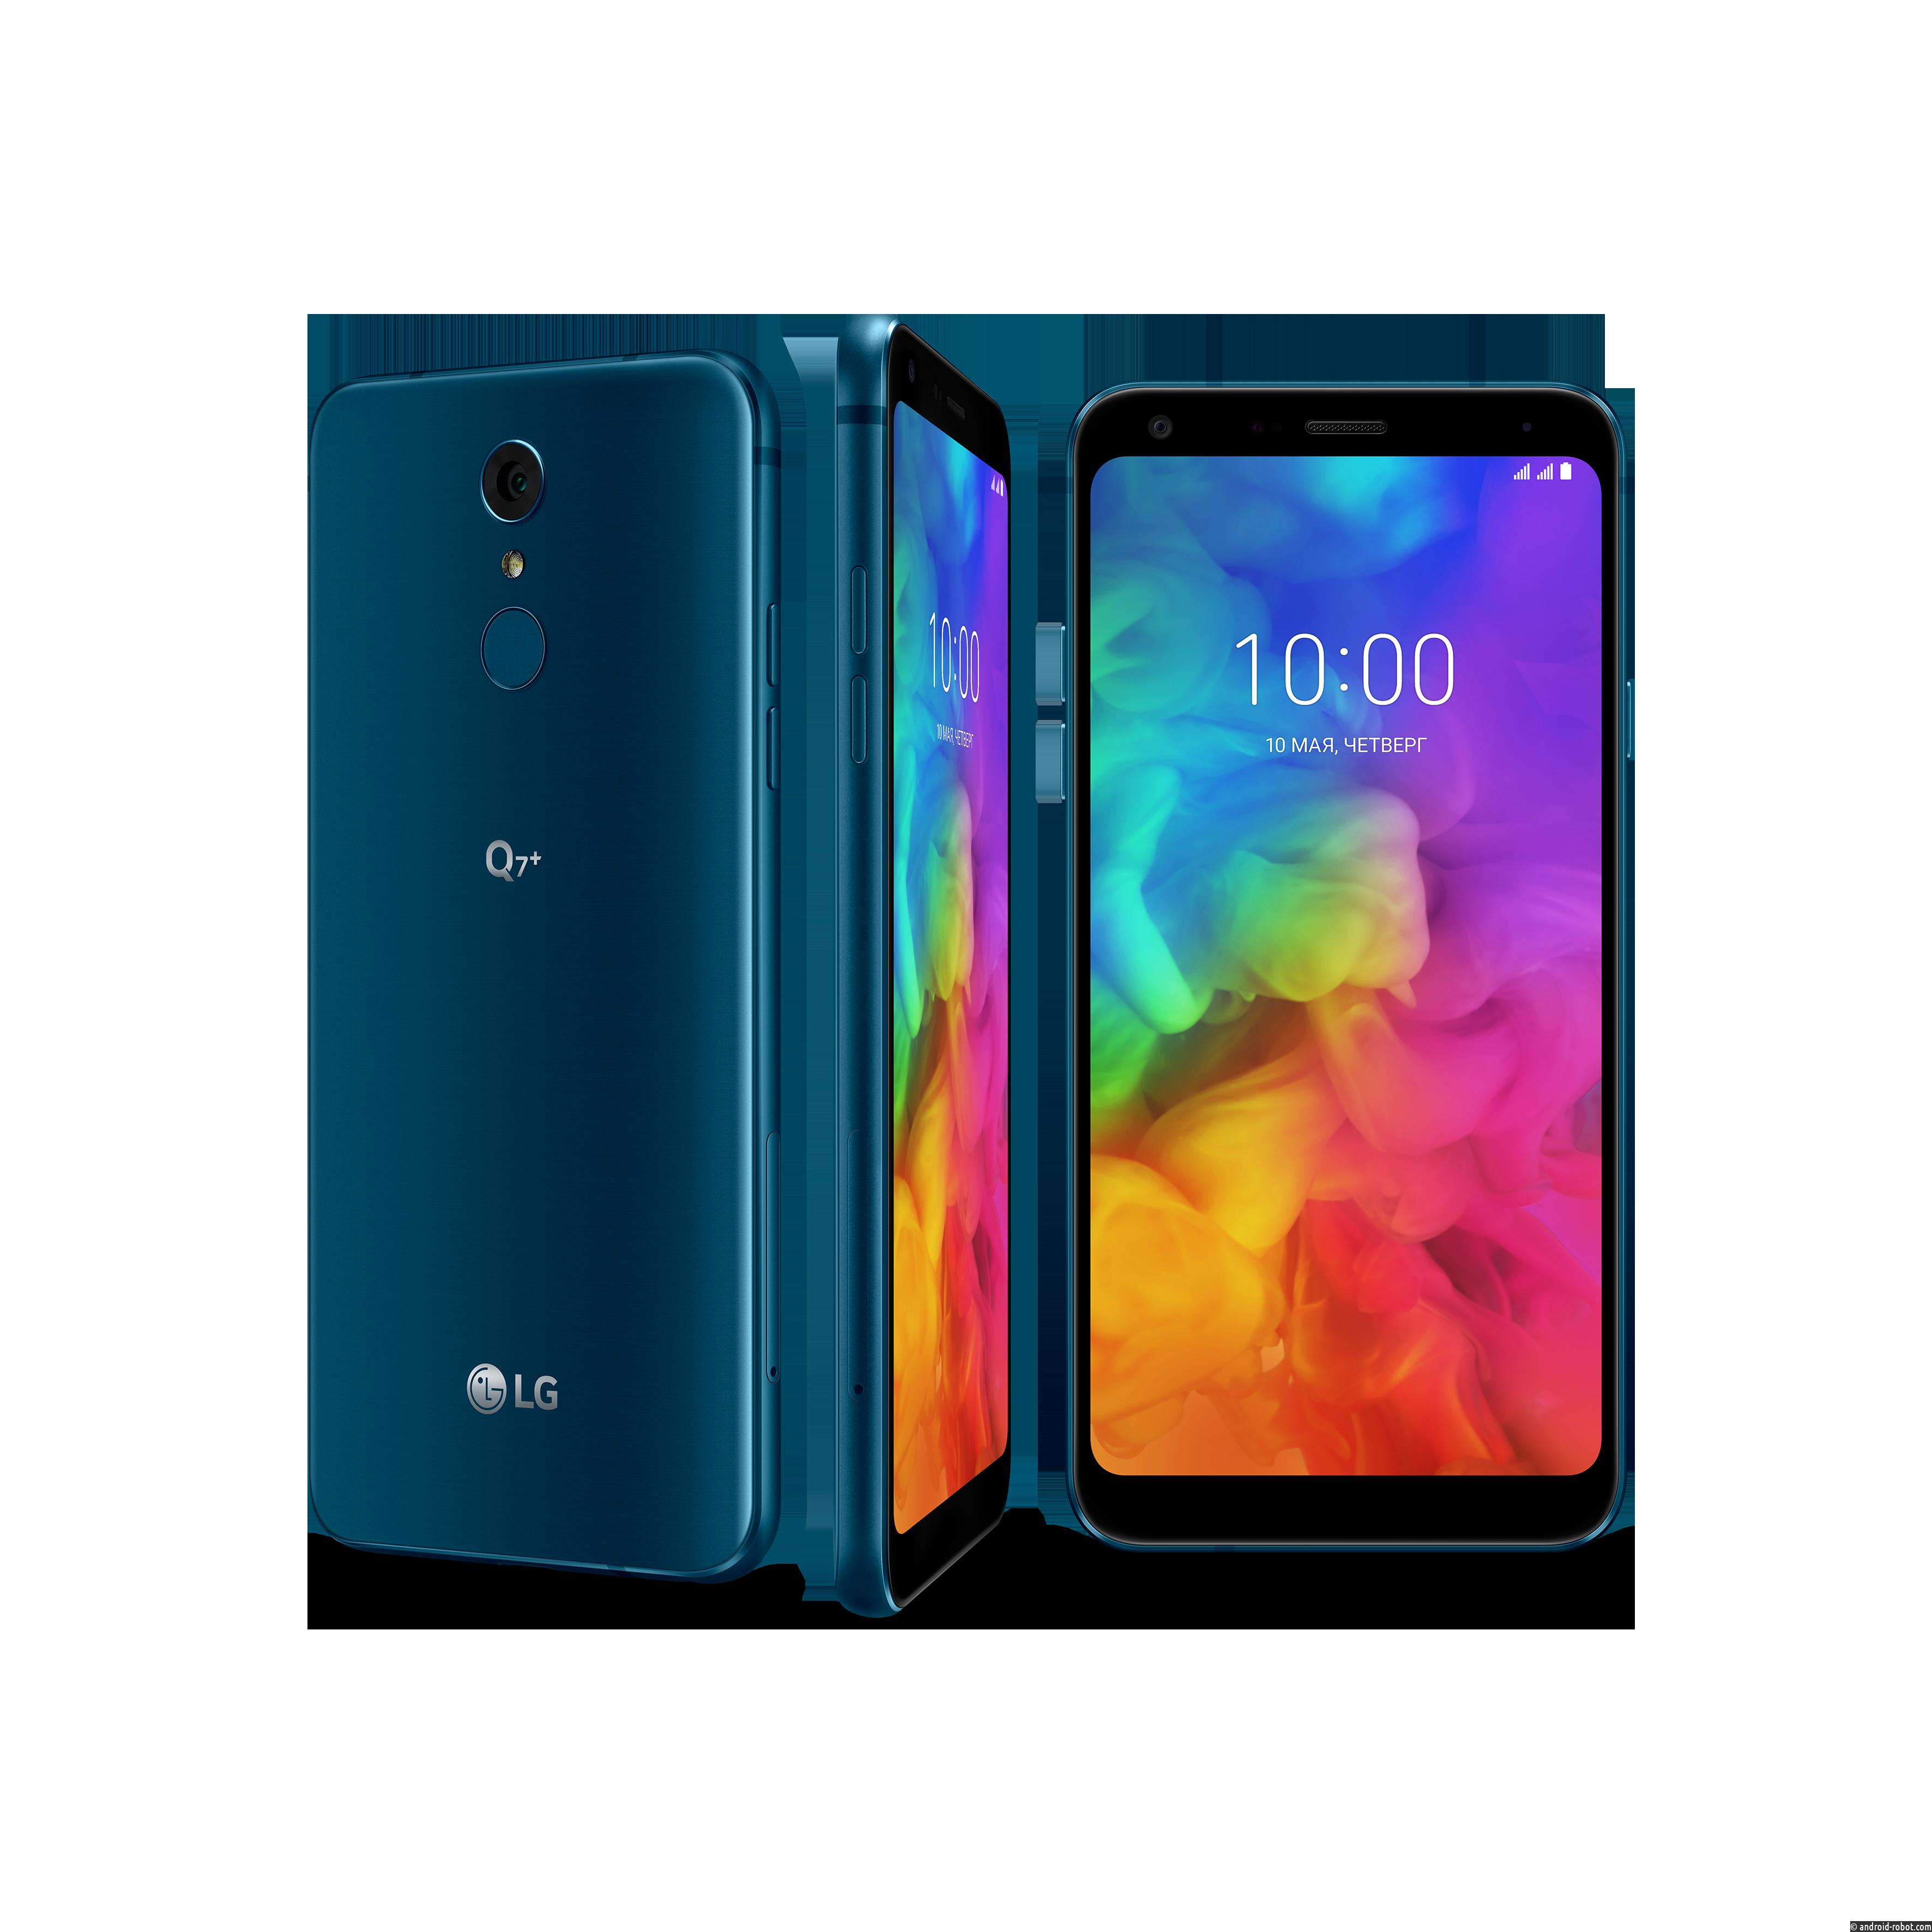 В России начались продажи LG Q7 и LG Q7+